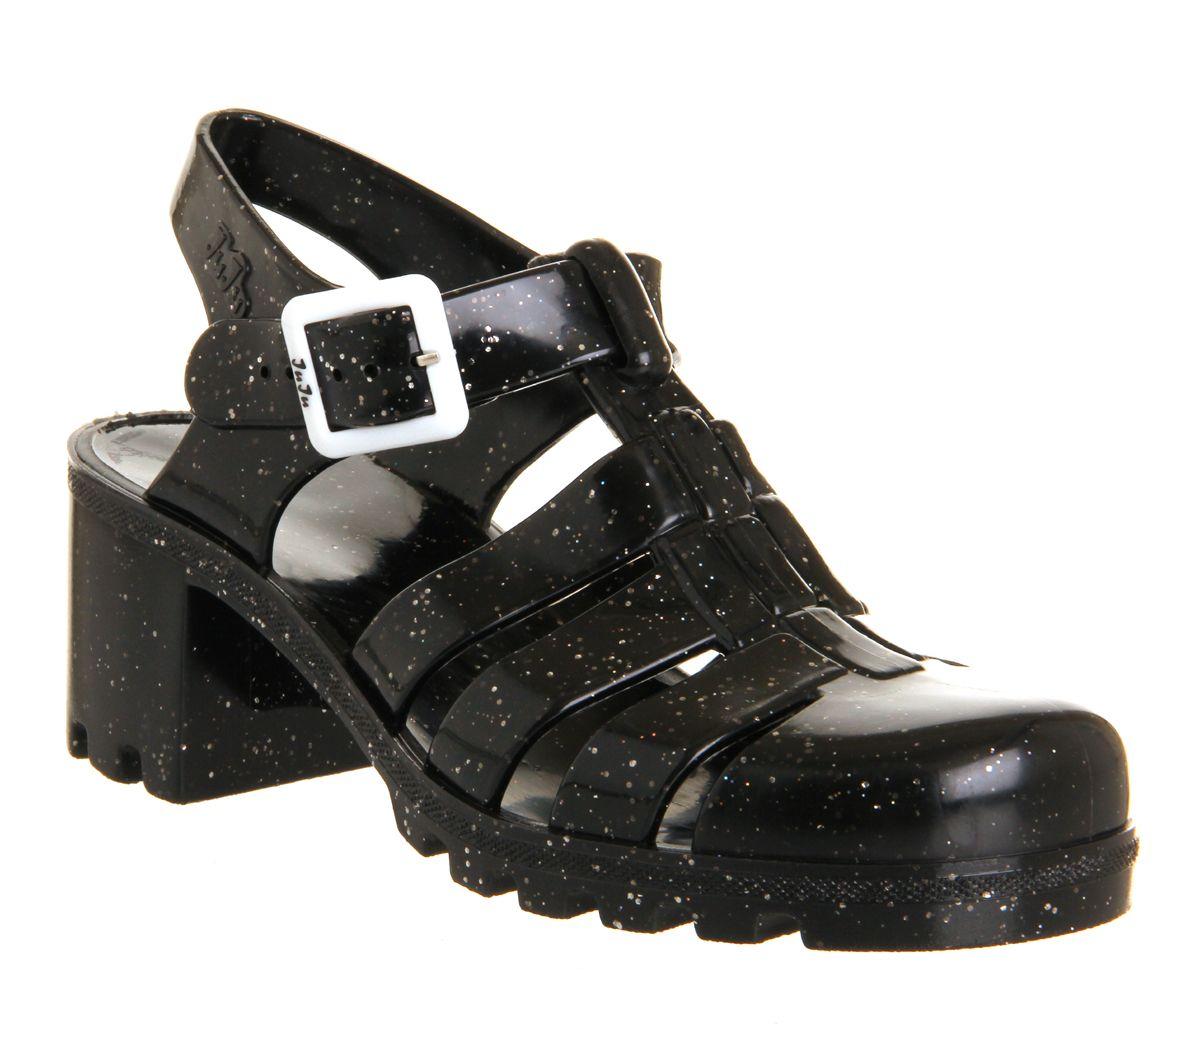 0f2e4f4be52a JuJu Babe Hi Juju Jelly Black Glitter Exclusive - Sandals